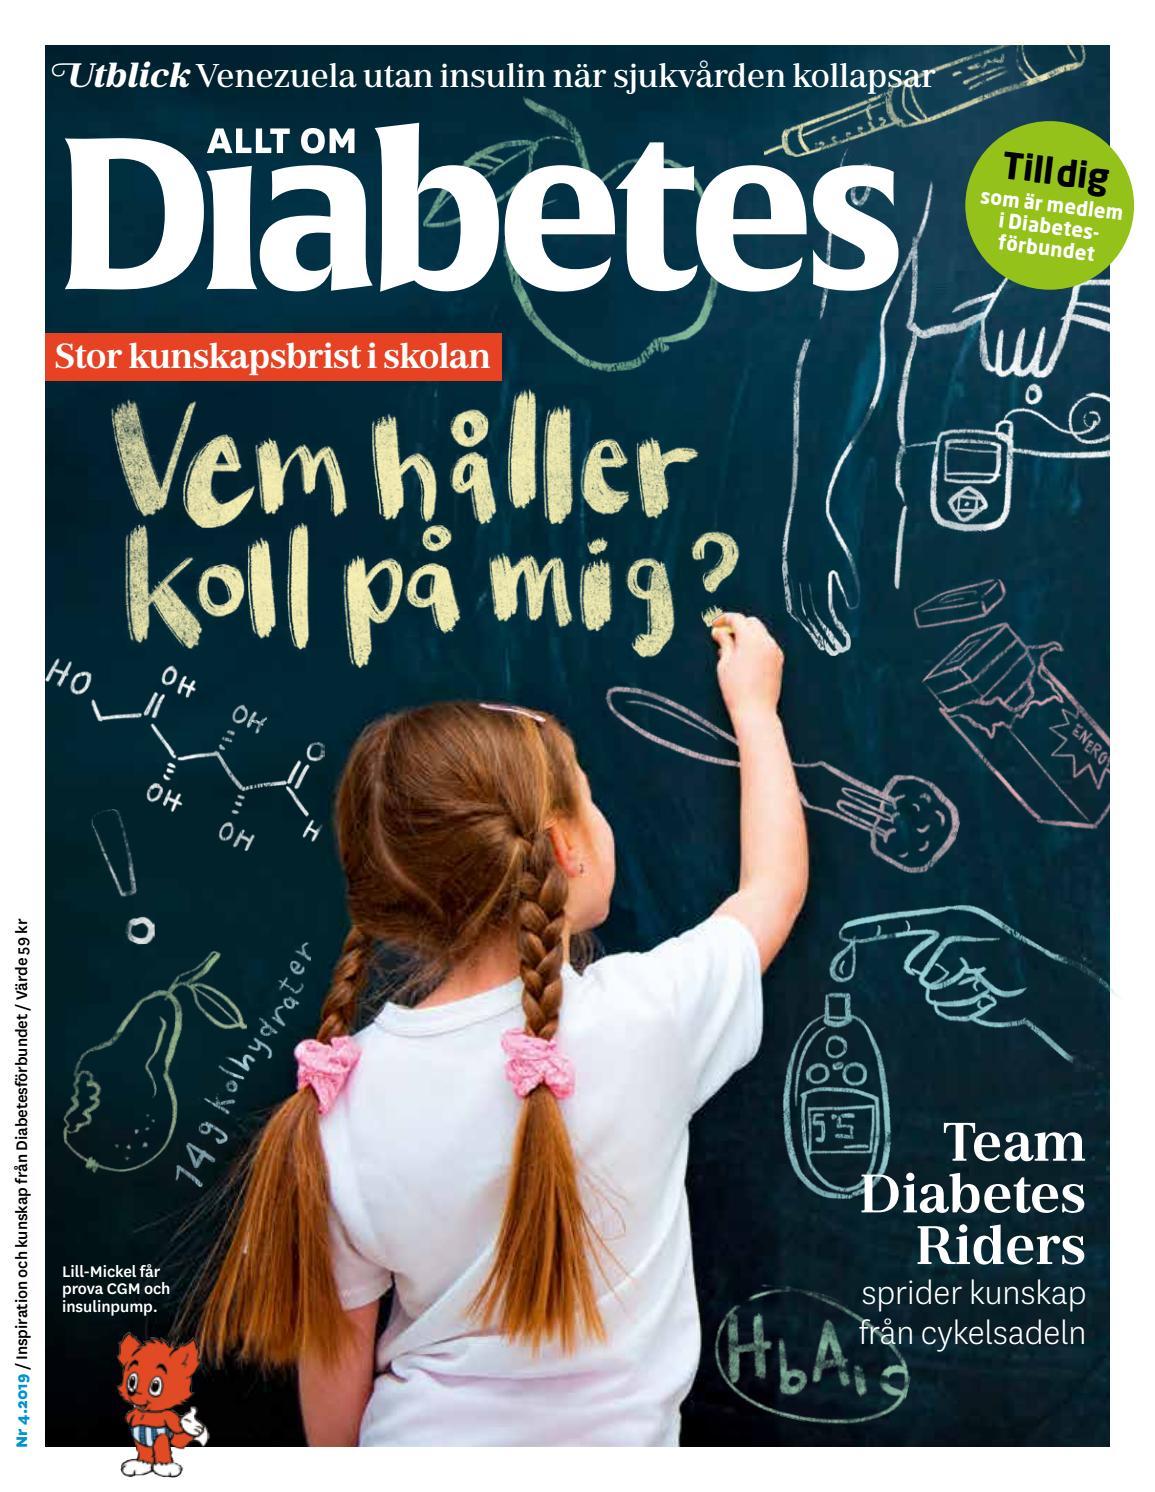 diabetes tipo 1 de molly sanden